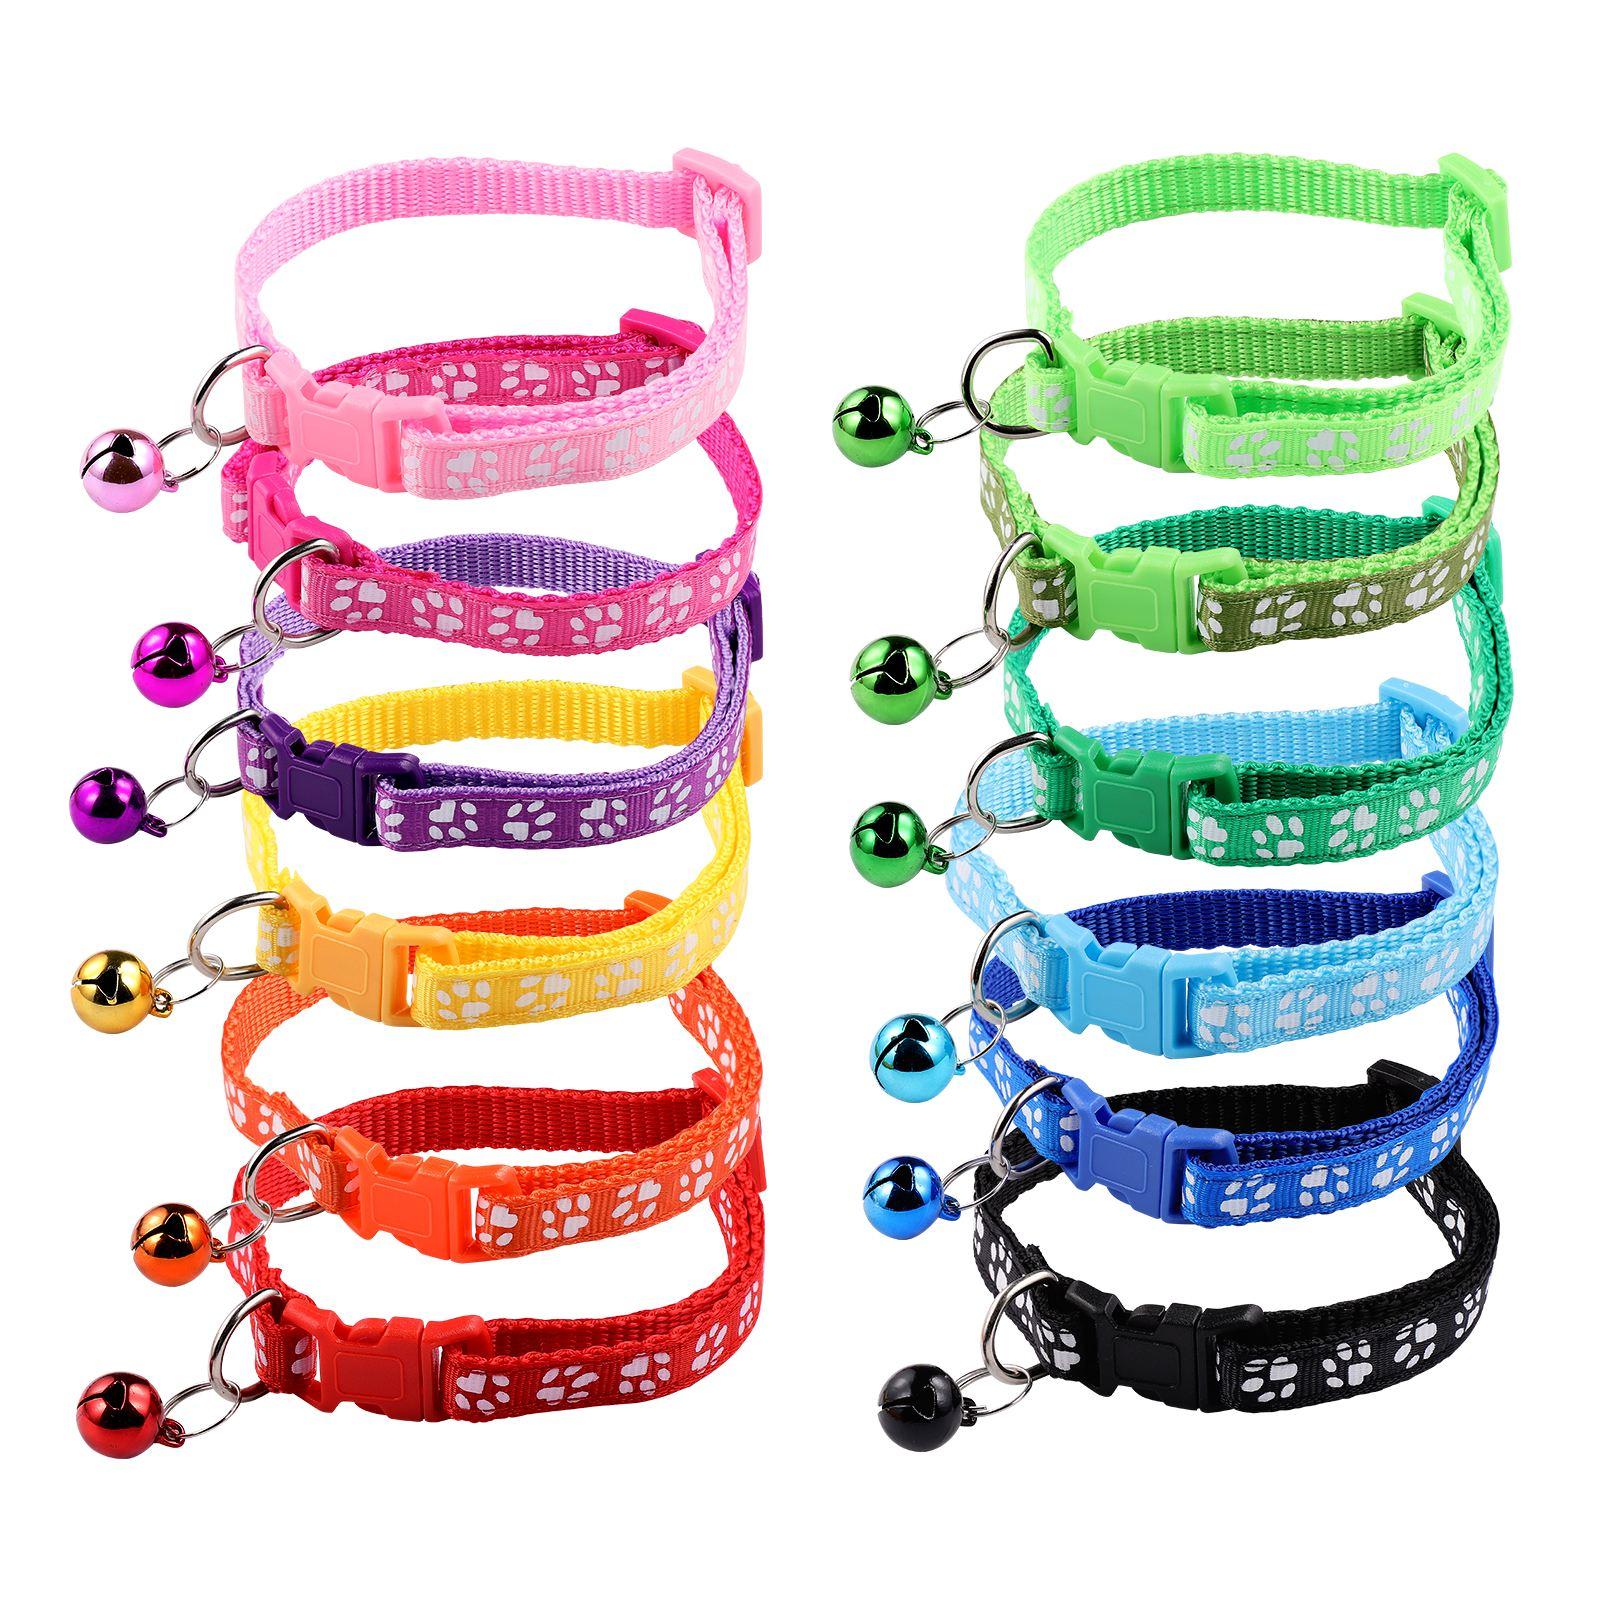 12 шт., напечатанный собачий ошейник, колокольчик, кольцо на шею для питомца, товары для собак и щенков (разные цвета)